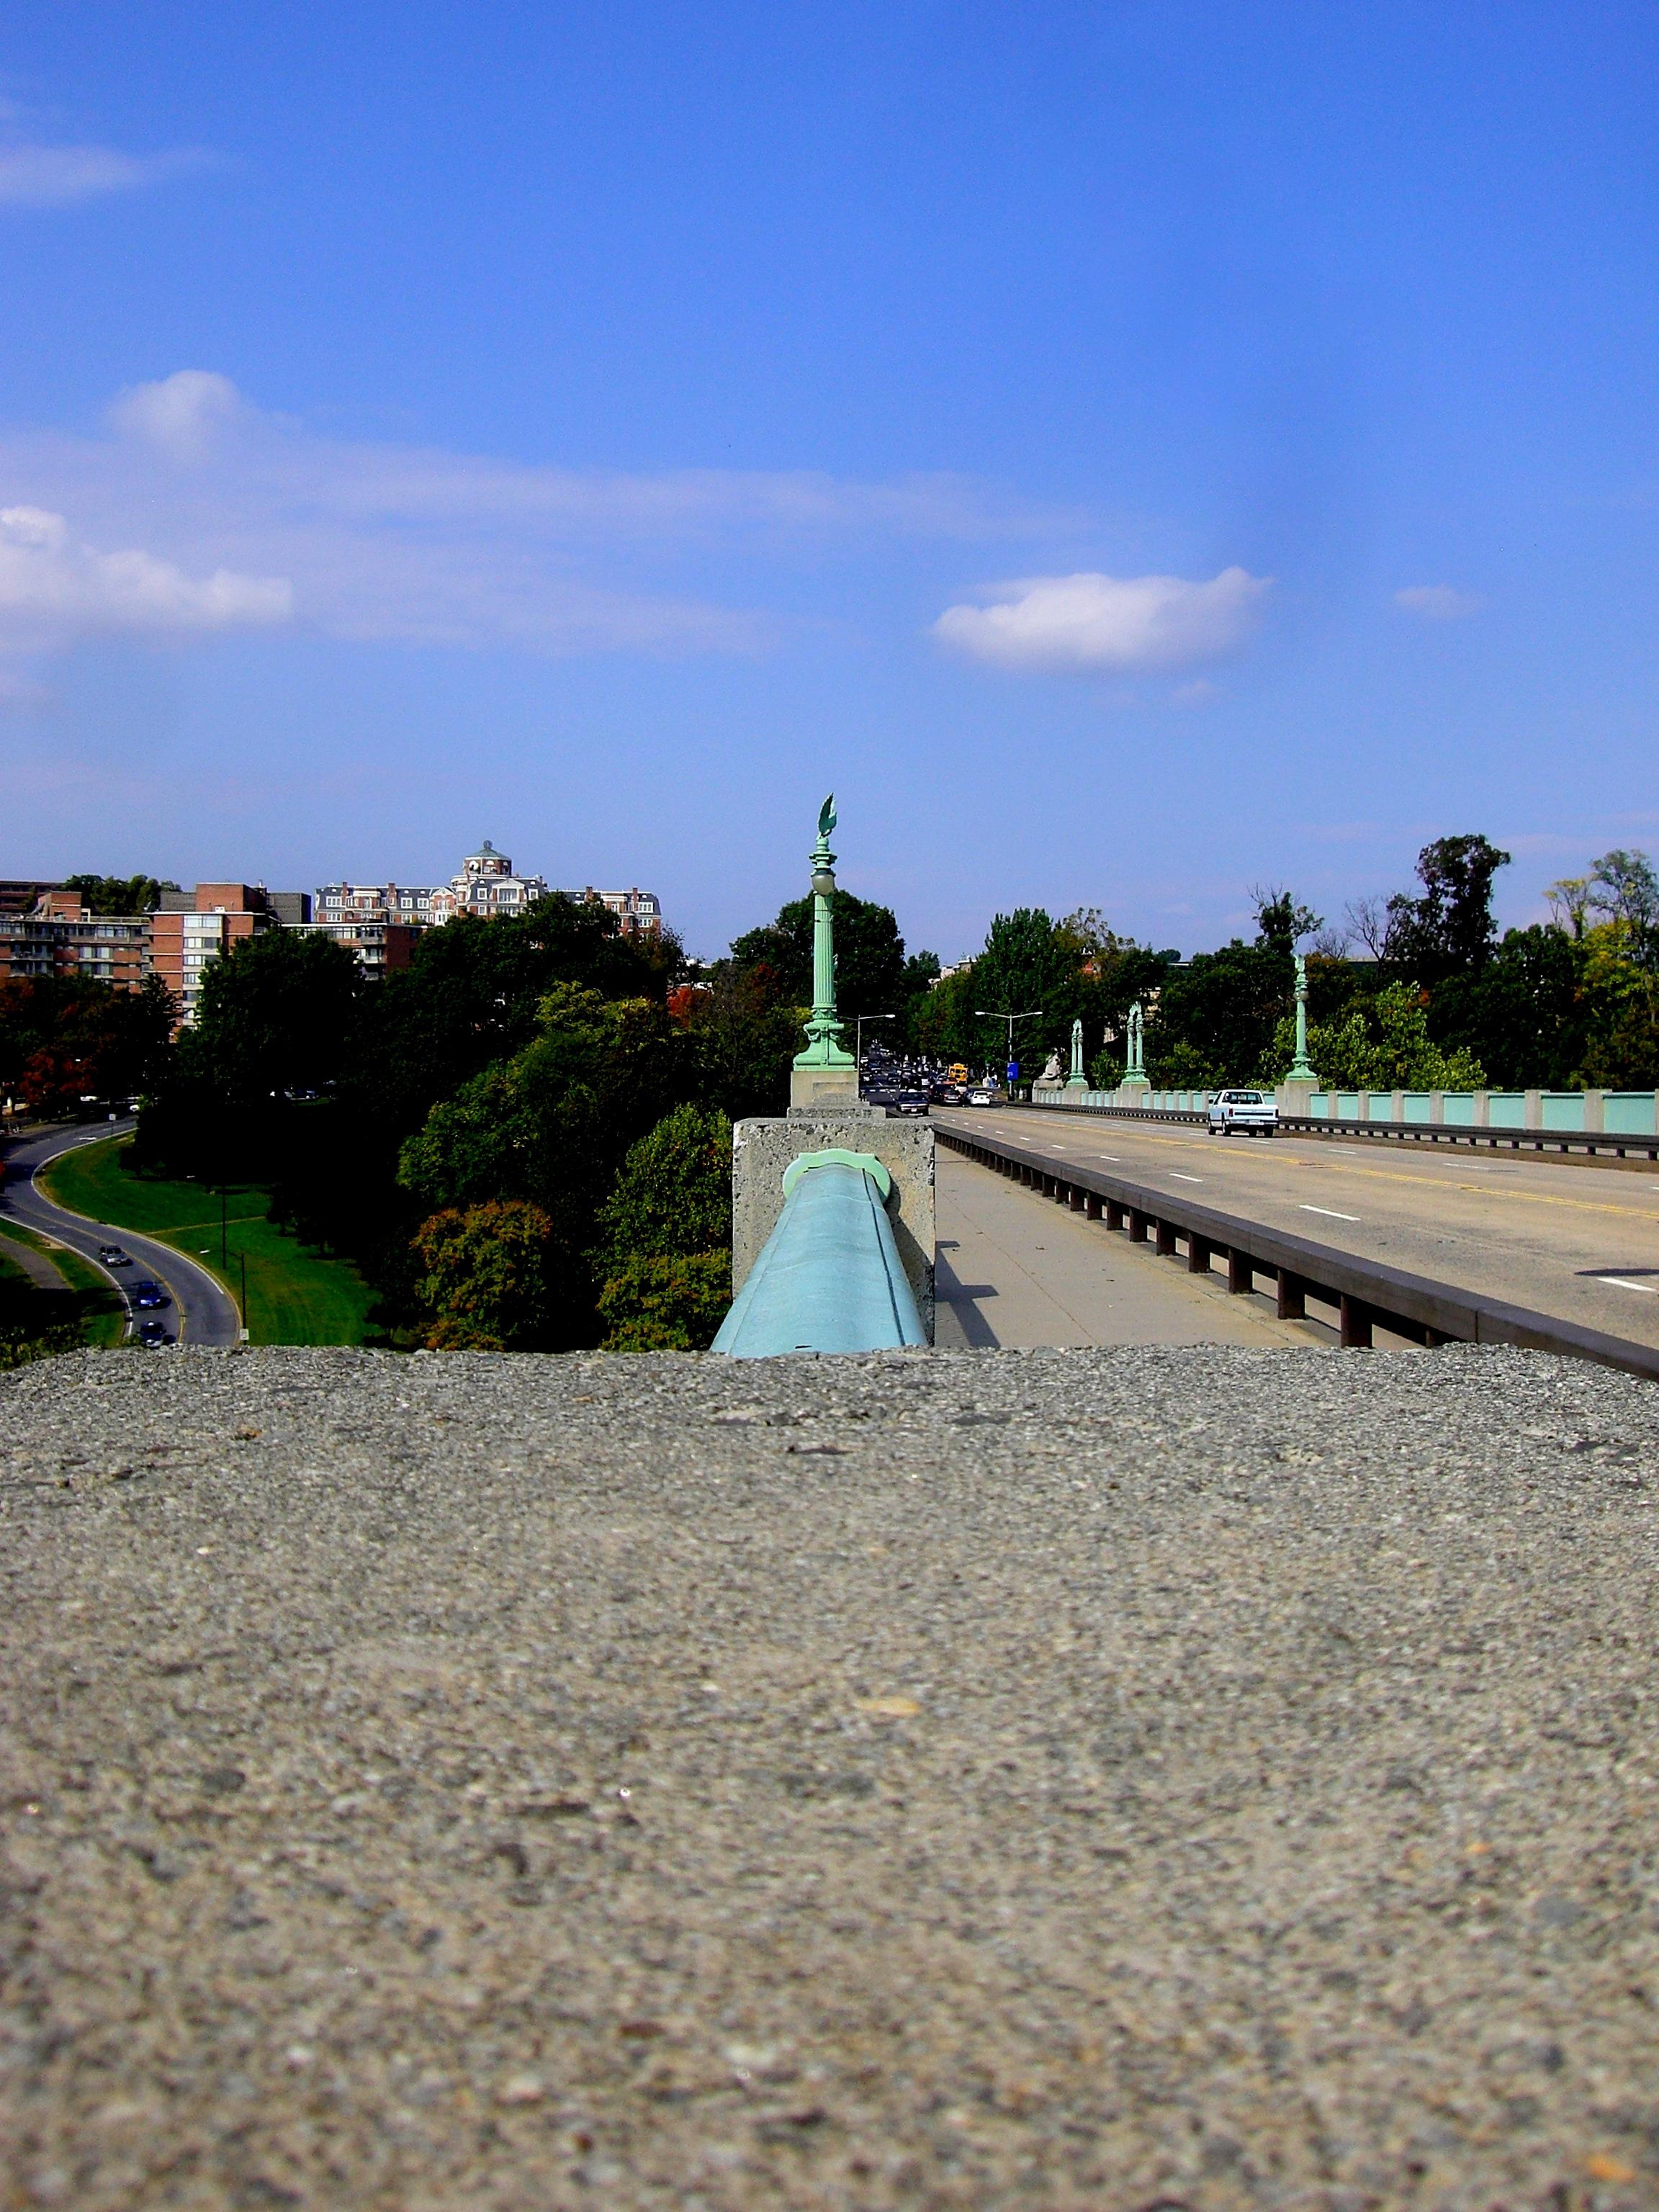 Washington d.c. famous landmarks photo